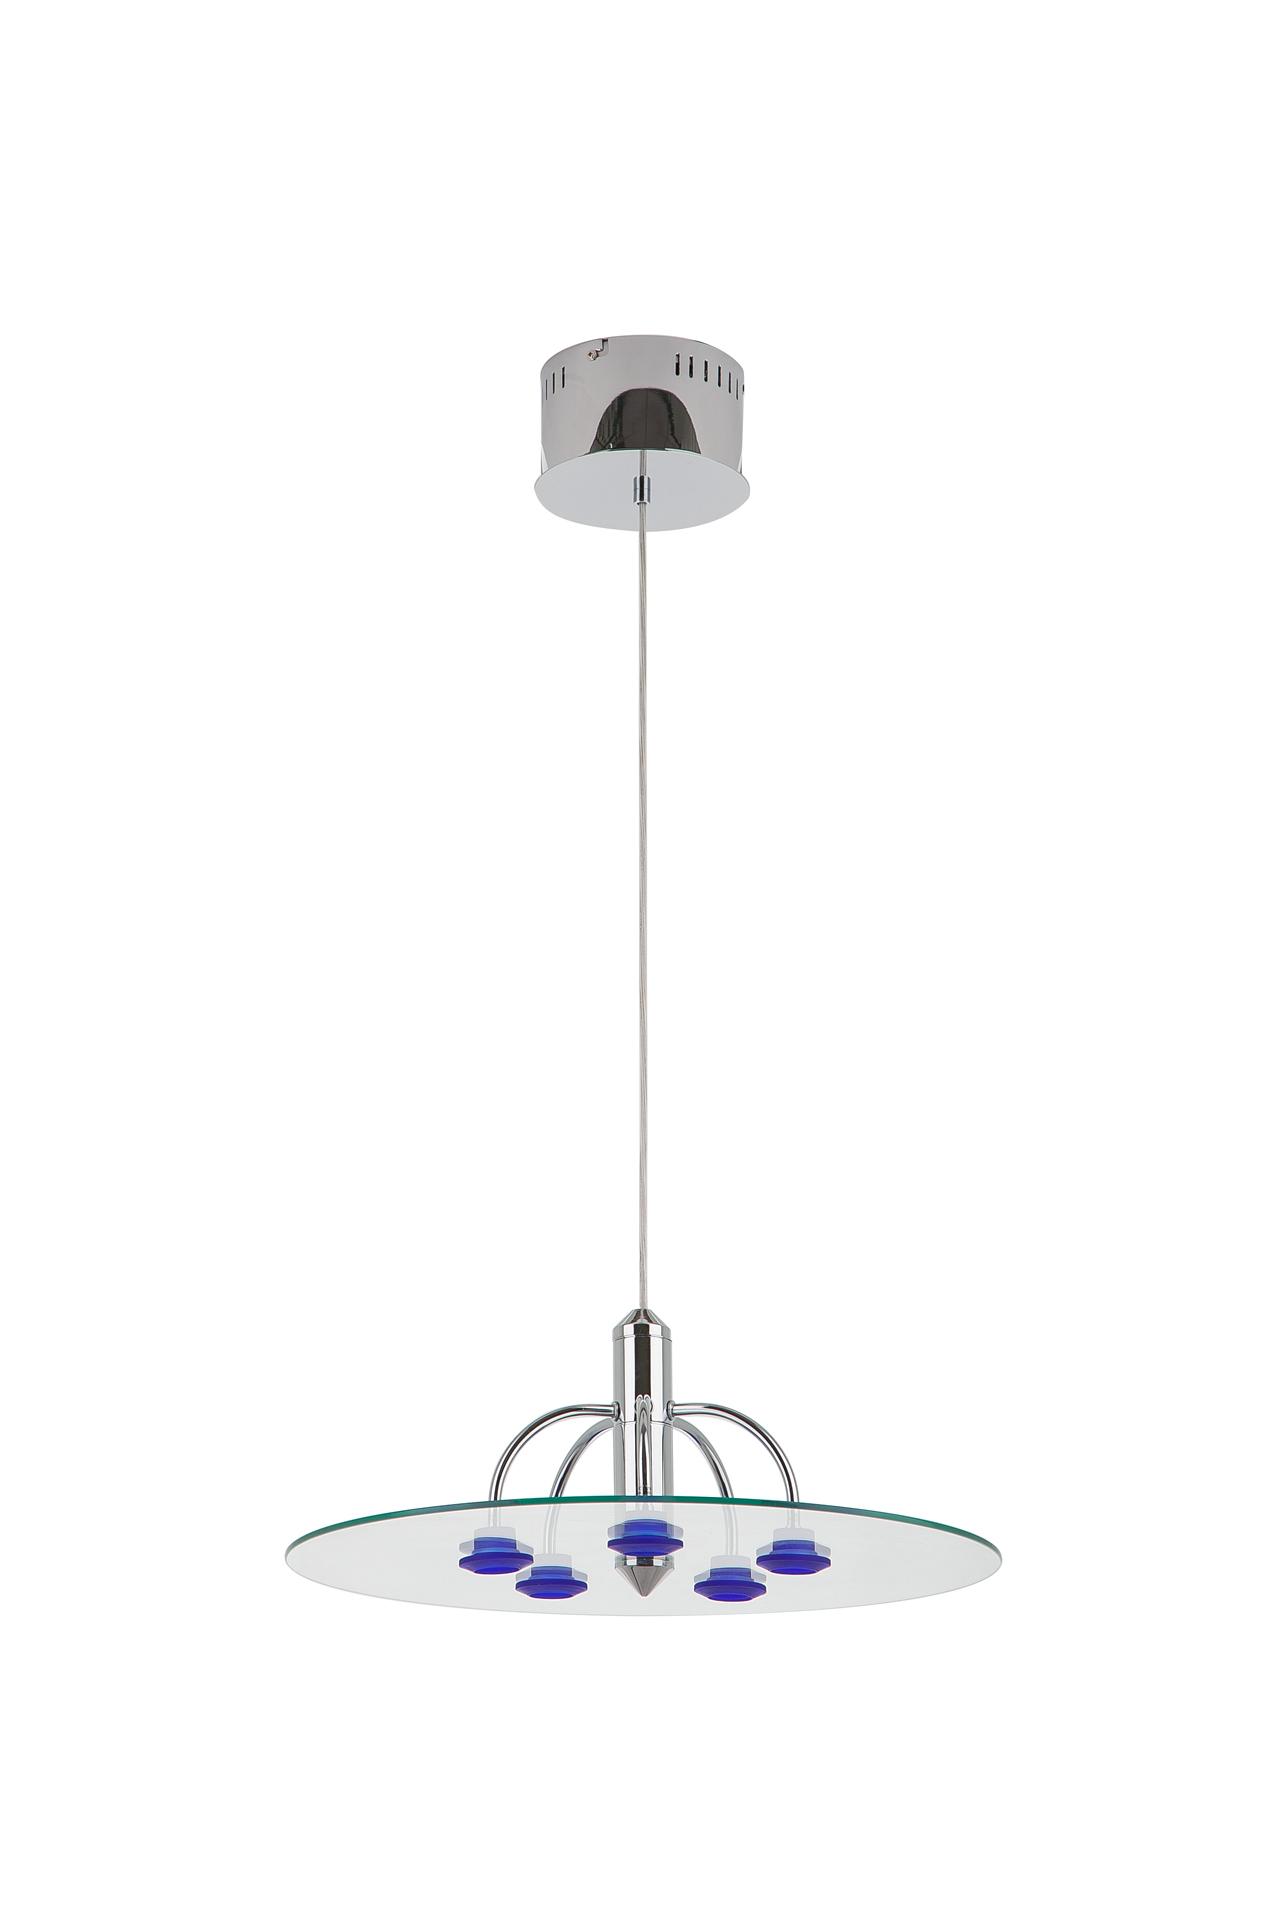 {} CRYSTAL LIGHT Подвесной светильник Umay (48 см) лампа галогенная полусфера paulmann g4 20w 2900к 83233